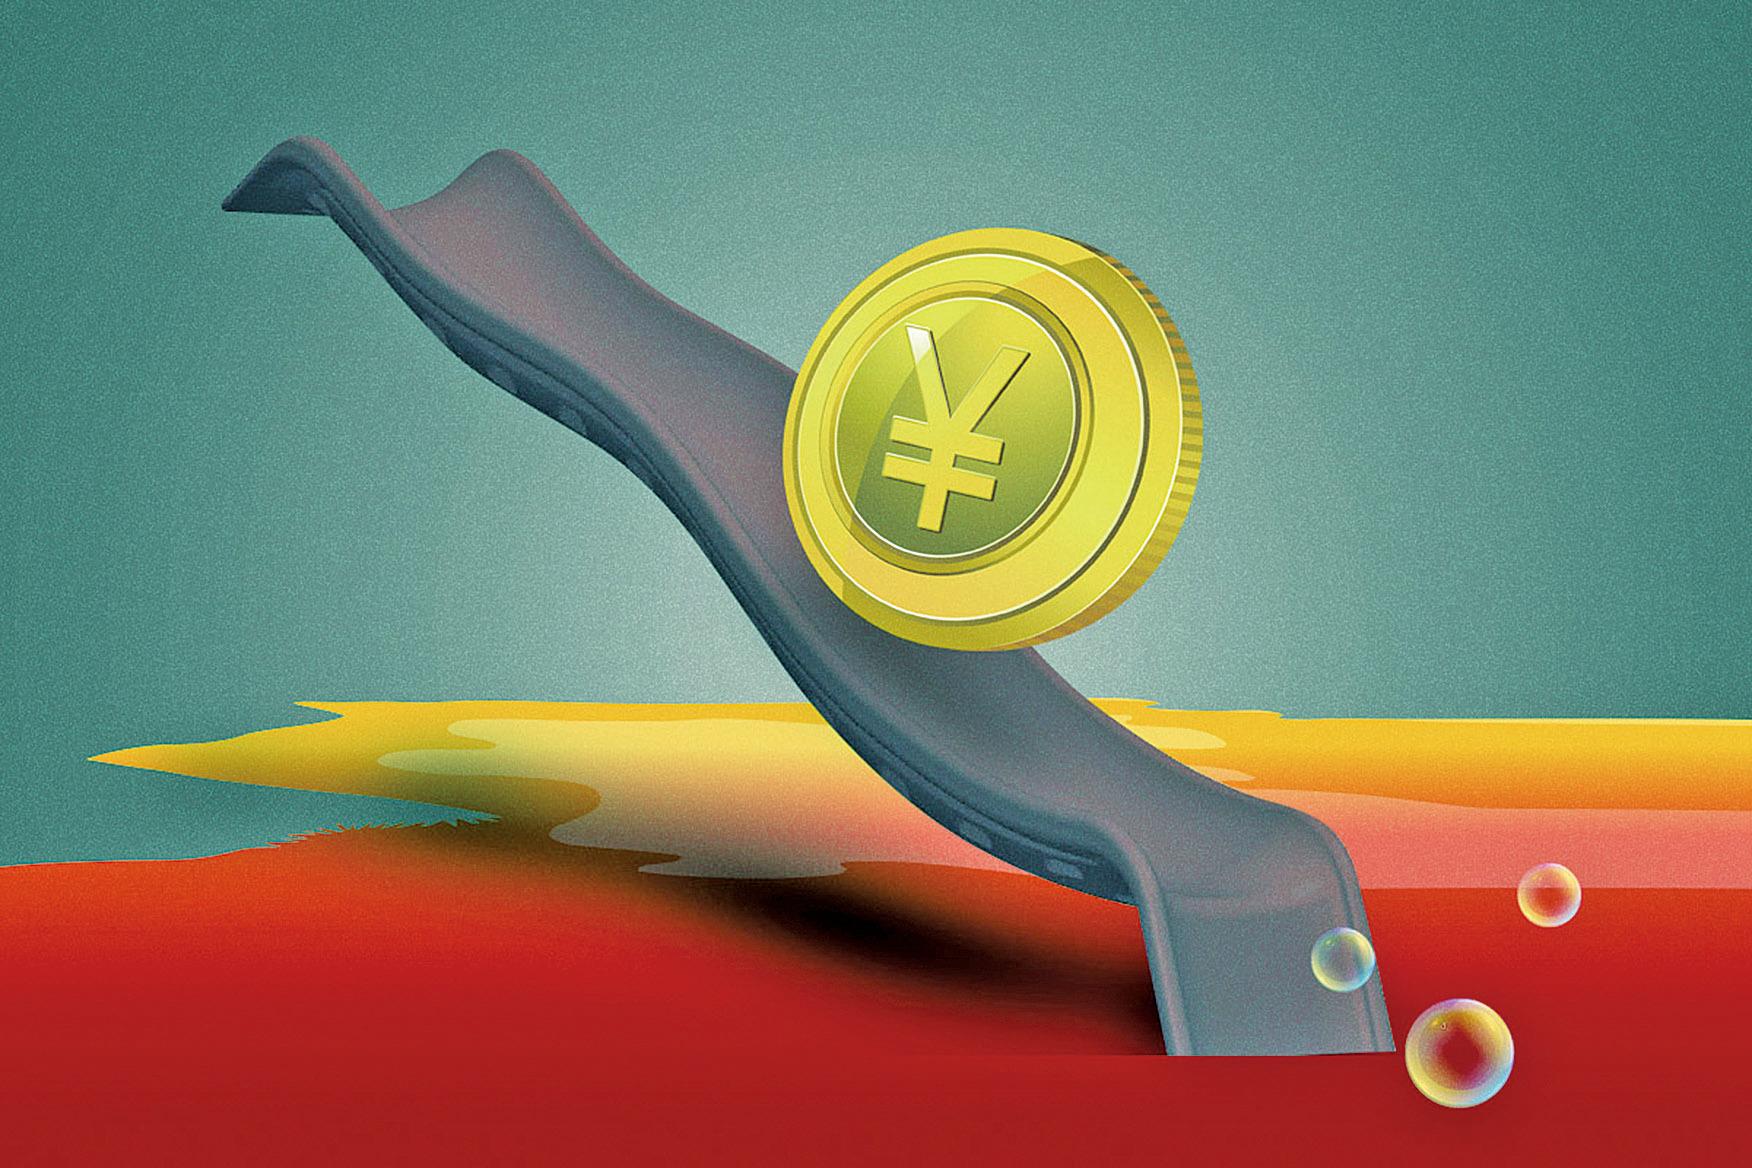 7月15日,中共央行開始實施下調法定存款準備金率0.5個百分點。這次降準,時間之快、力度之大超乎預期,讓外界頗為震驚。(大紀元合成)